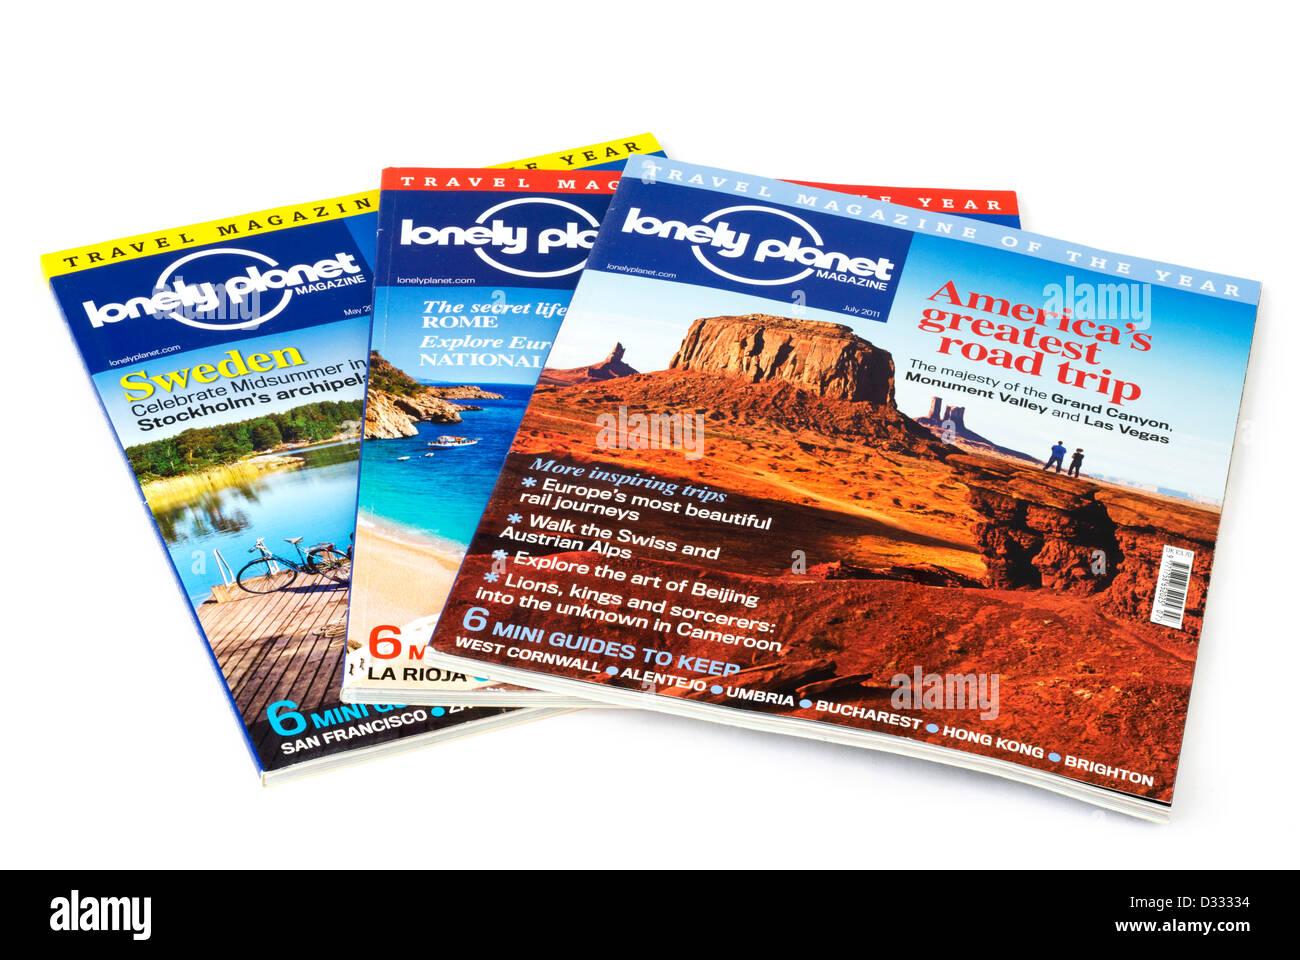 Les magazines de voyage Lonely Planet Photo Stock